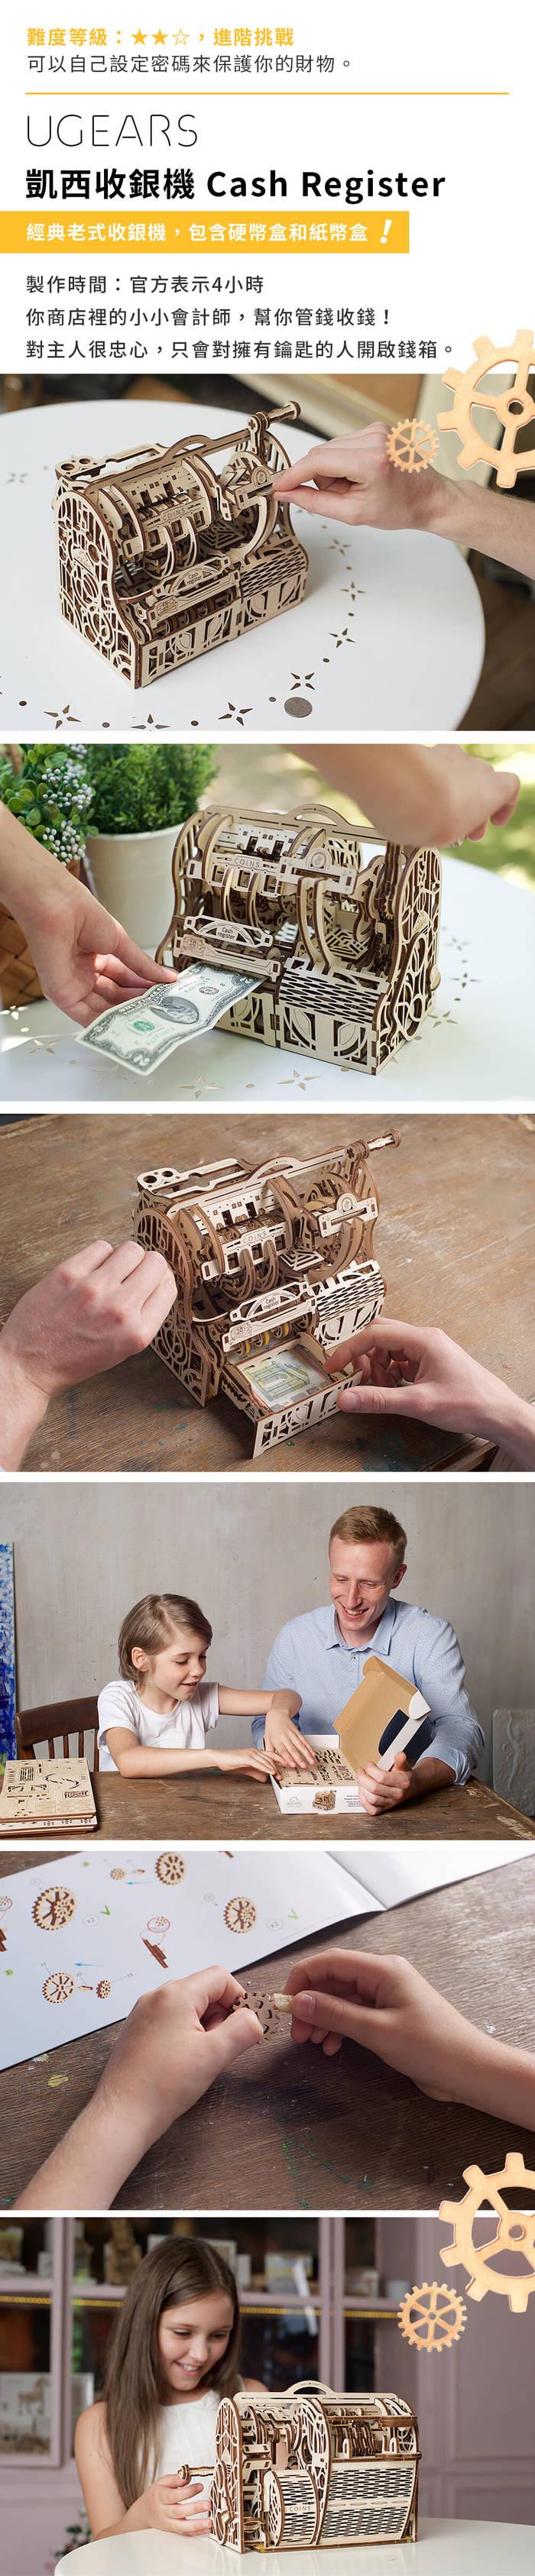 (複製)Ugears|自我推進模型 Cash Register 凱西收銀機